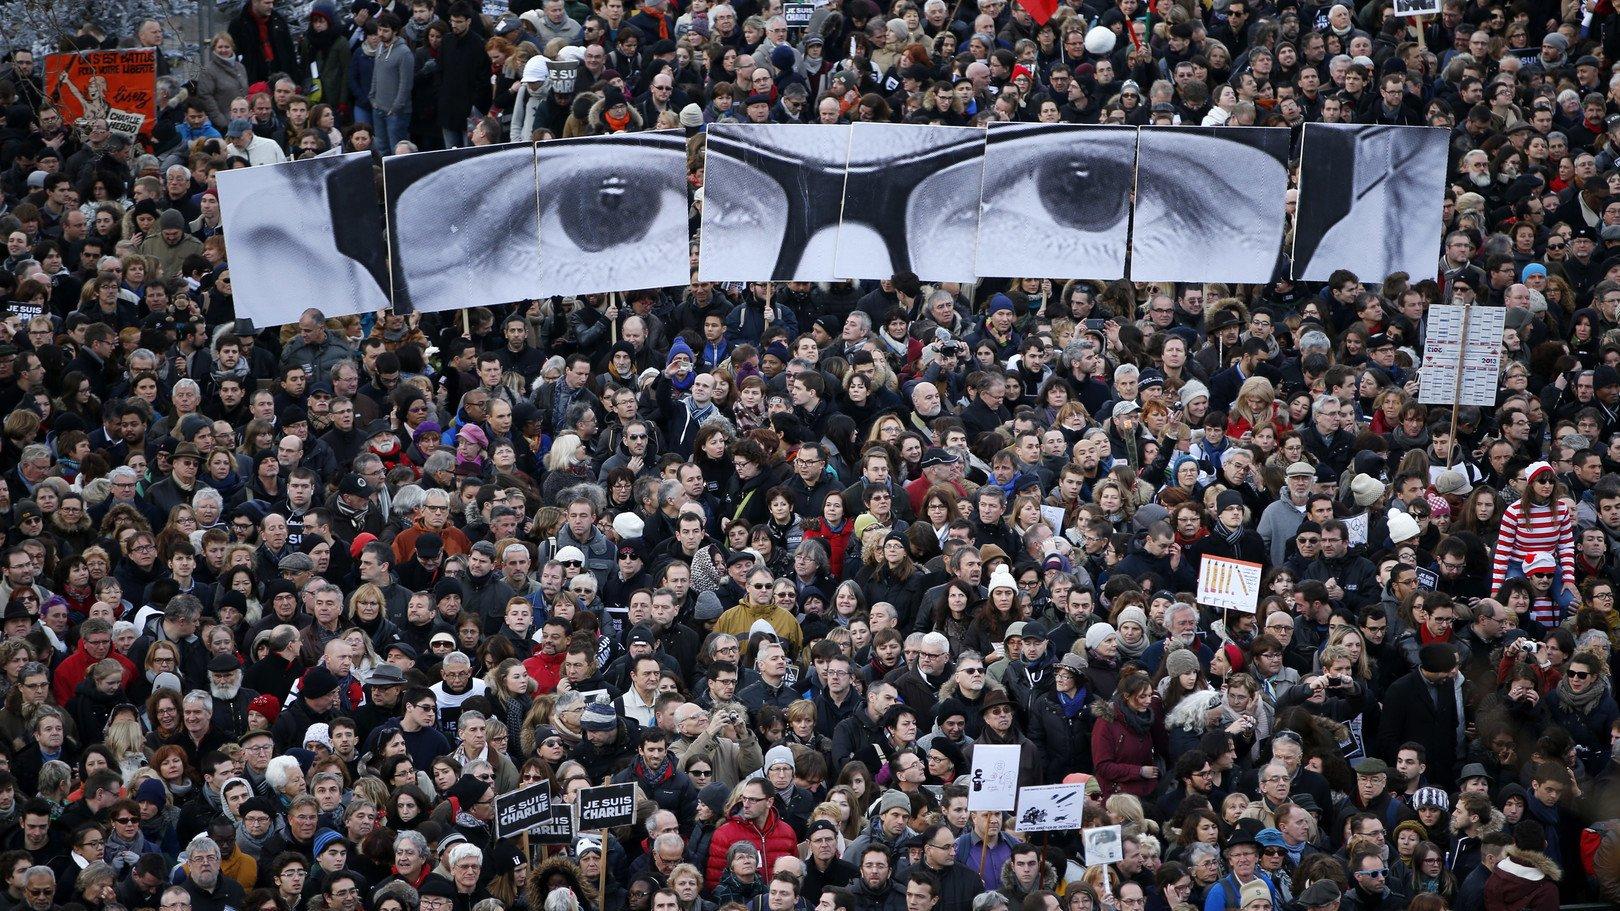 Des pancartes formant les yeux de Stéphane Charbonnier, tué le 7 janvier.